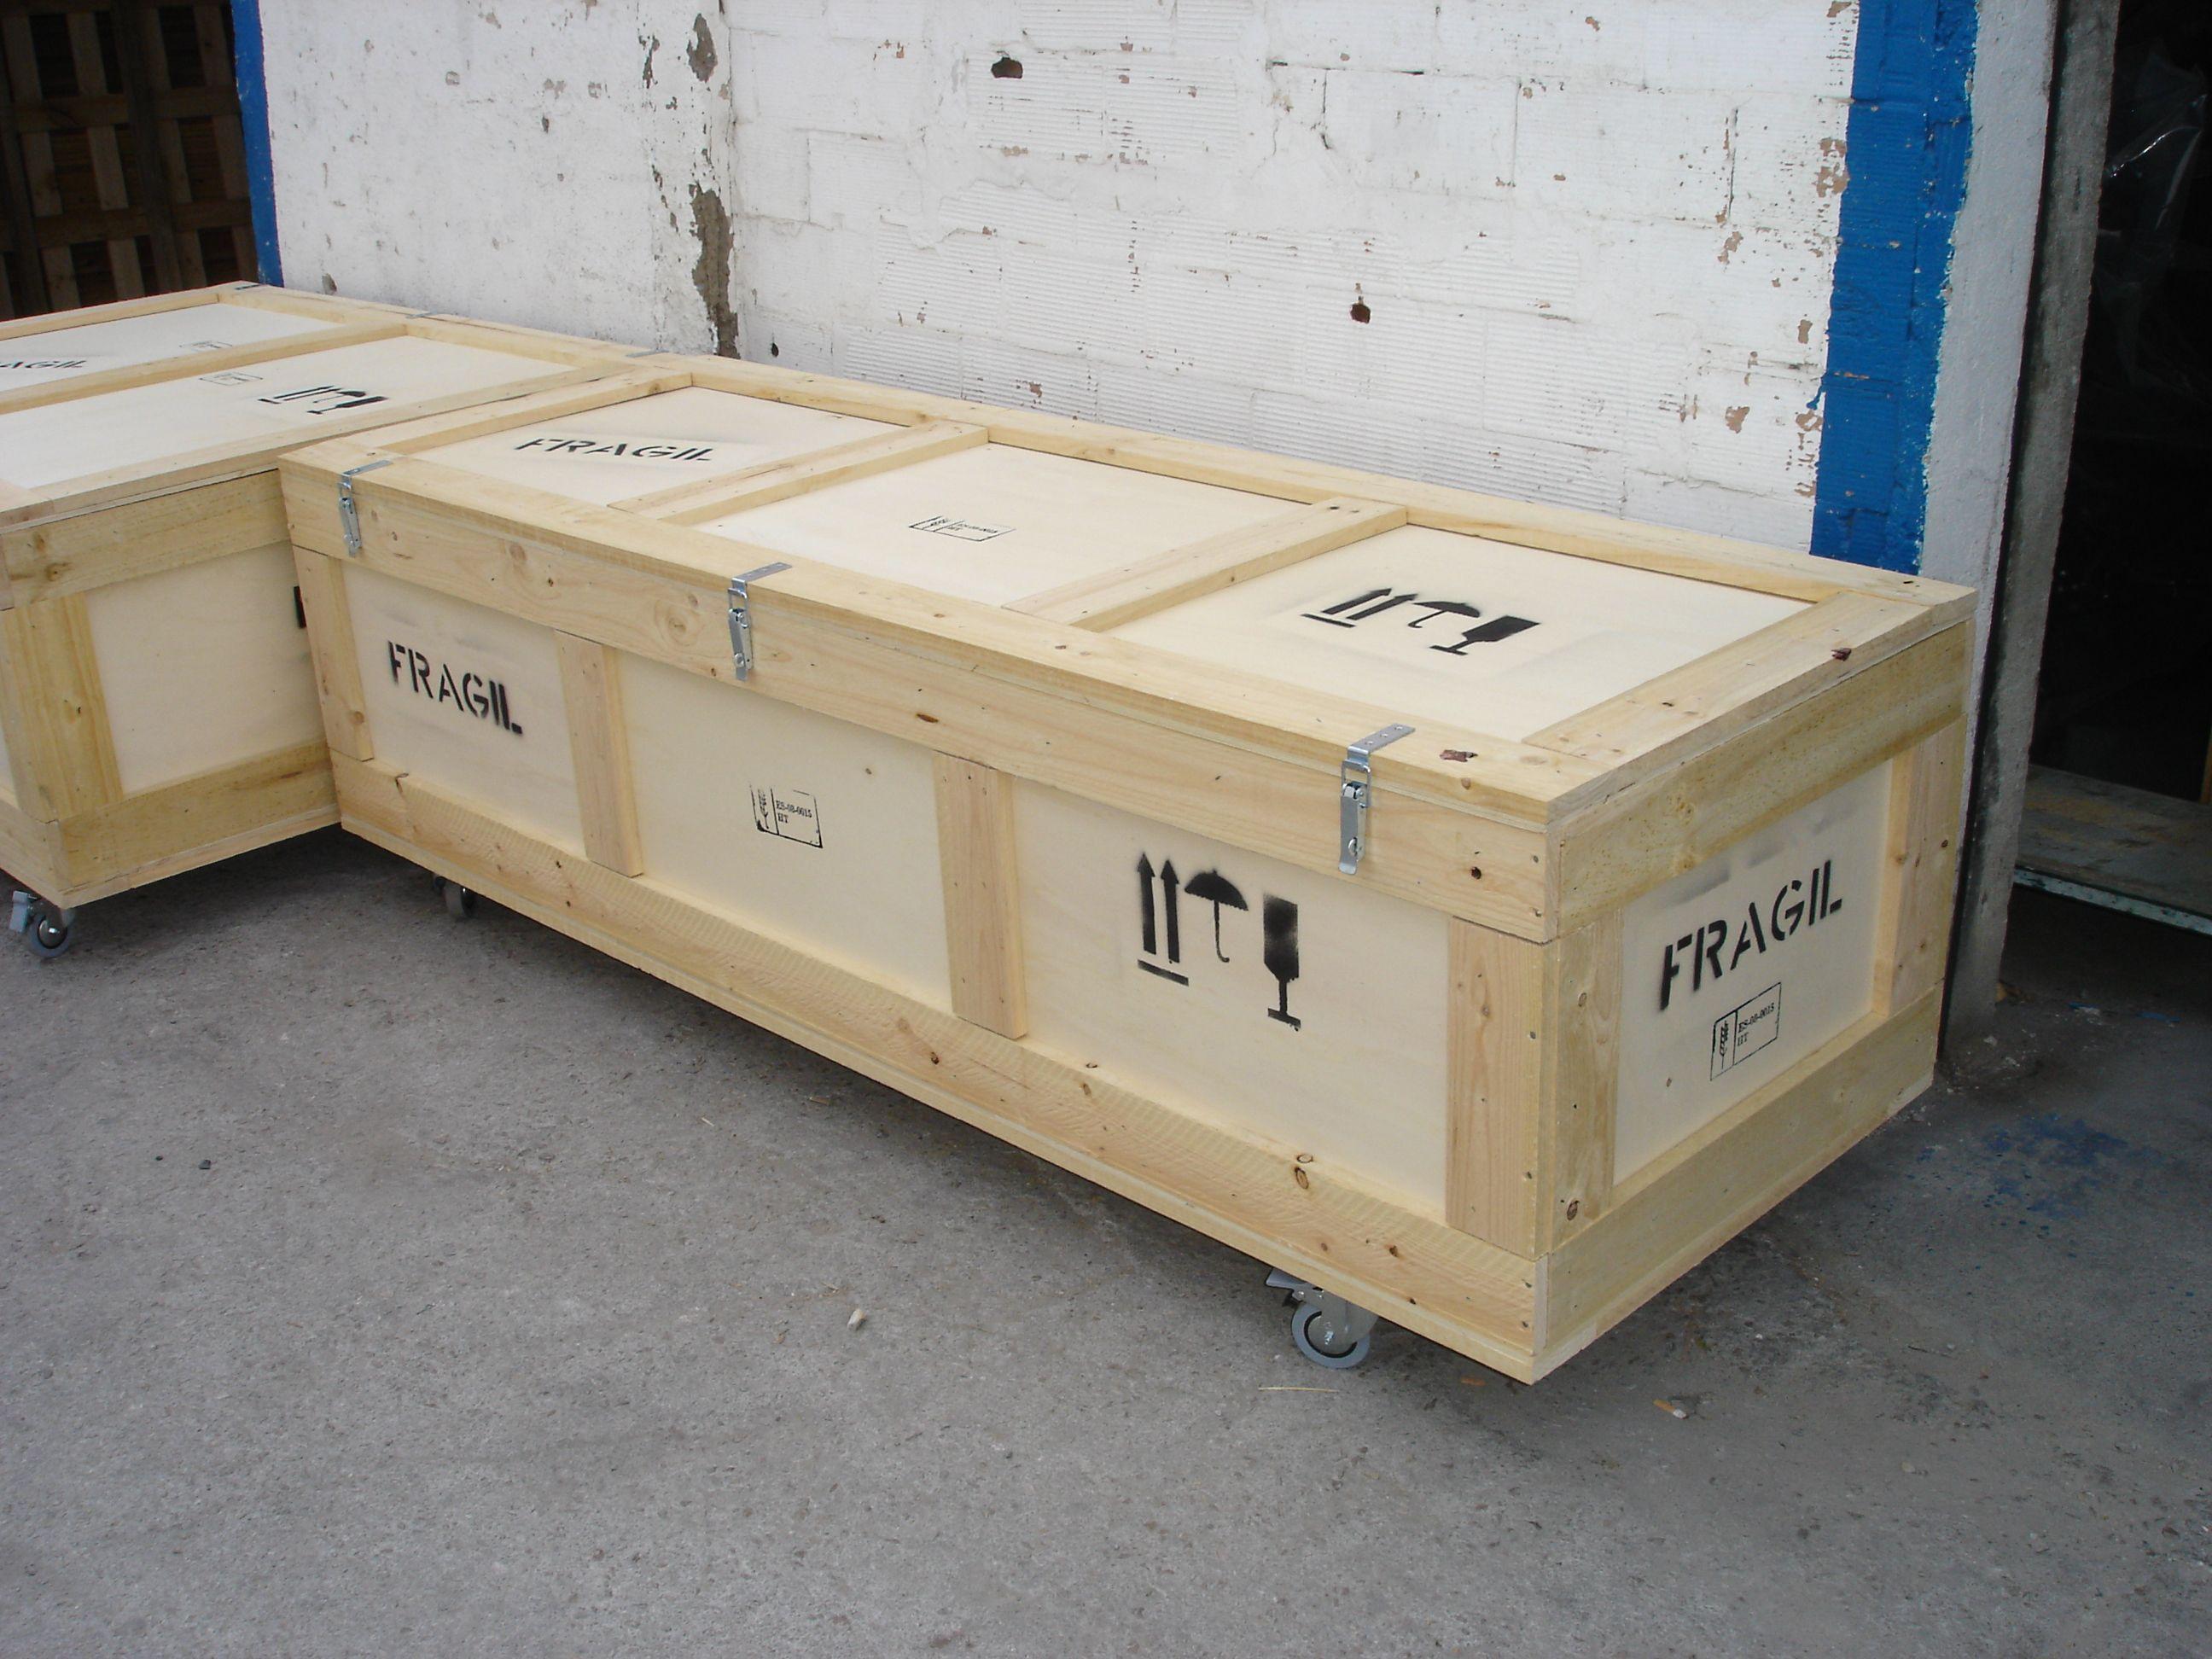 Cajas De Madera Para Obras De Arte Embalajes De Madera Cajas De Madera Mostrador De Madera